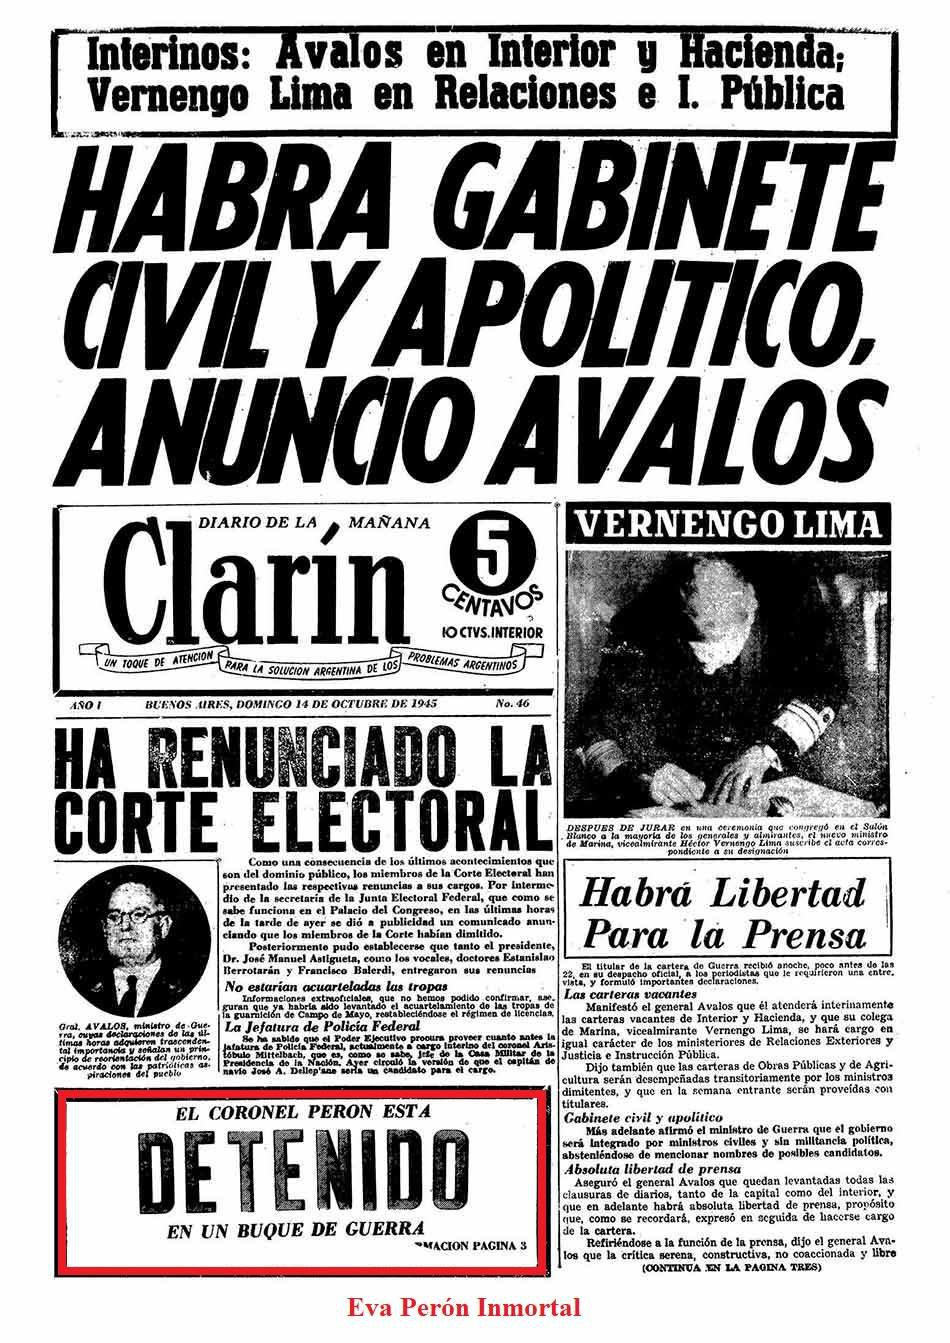 Juan Domingo Peron-17 octubre 1945